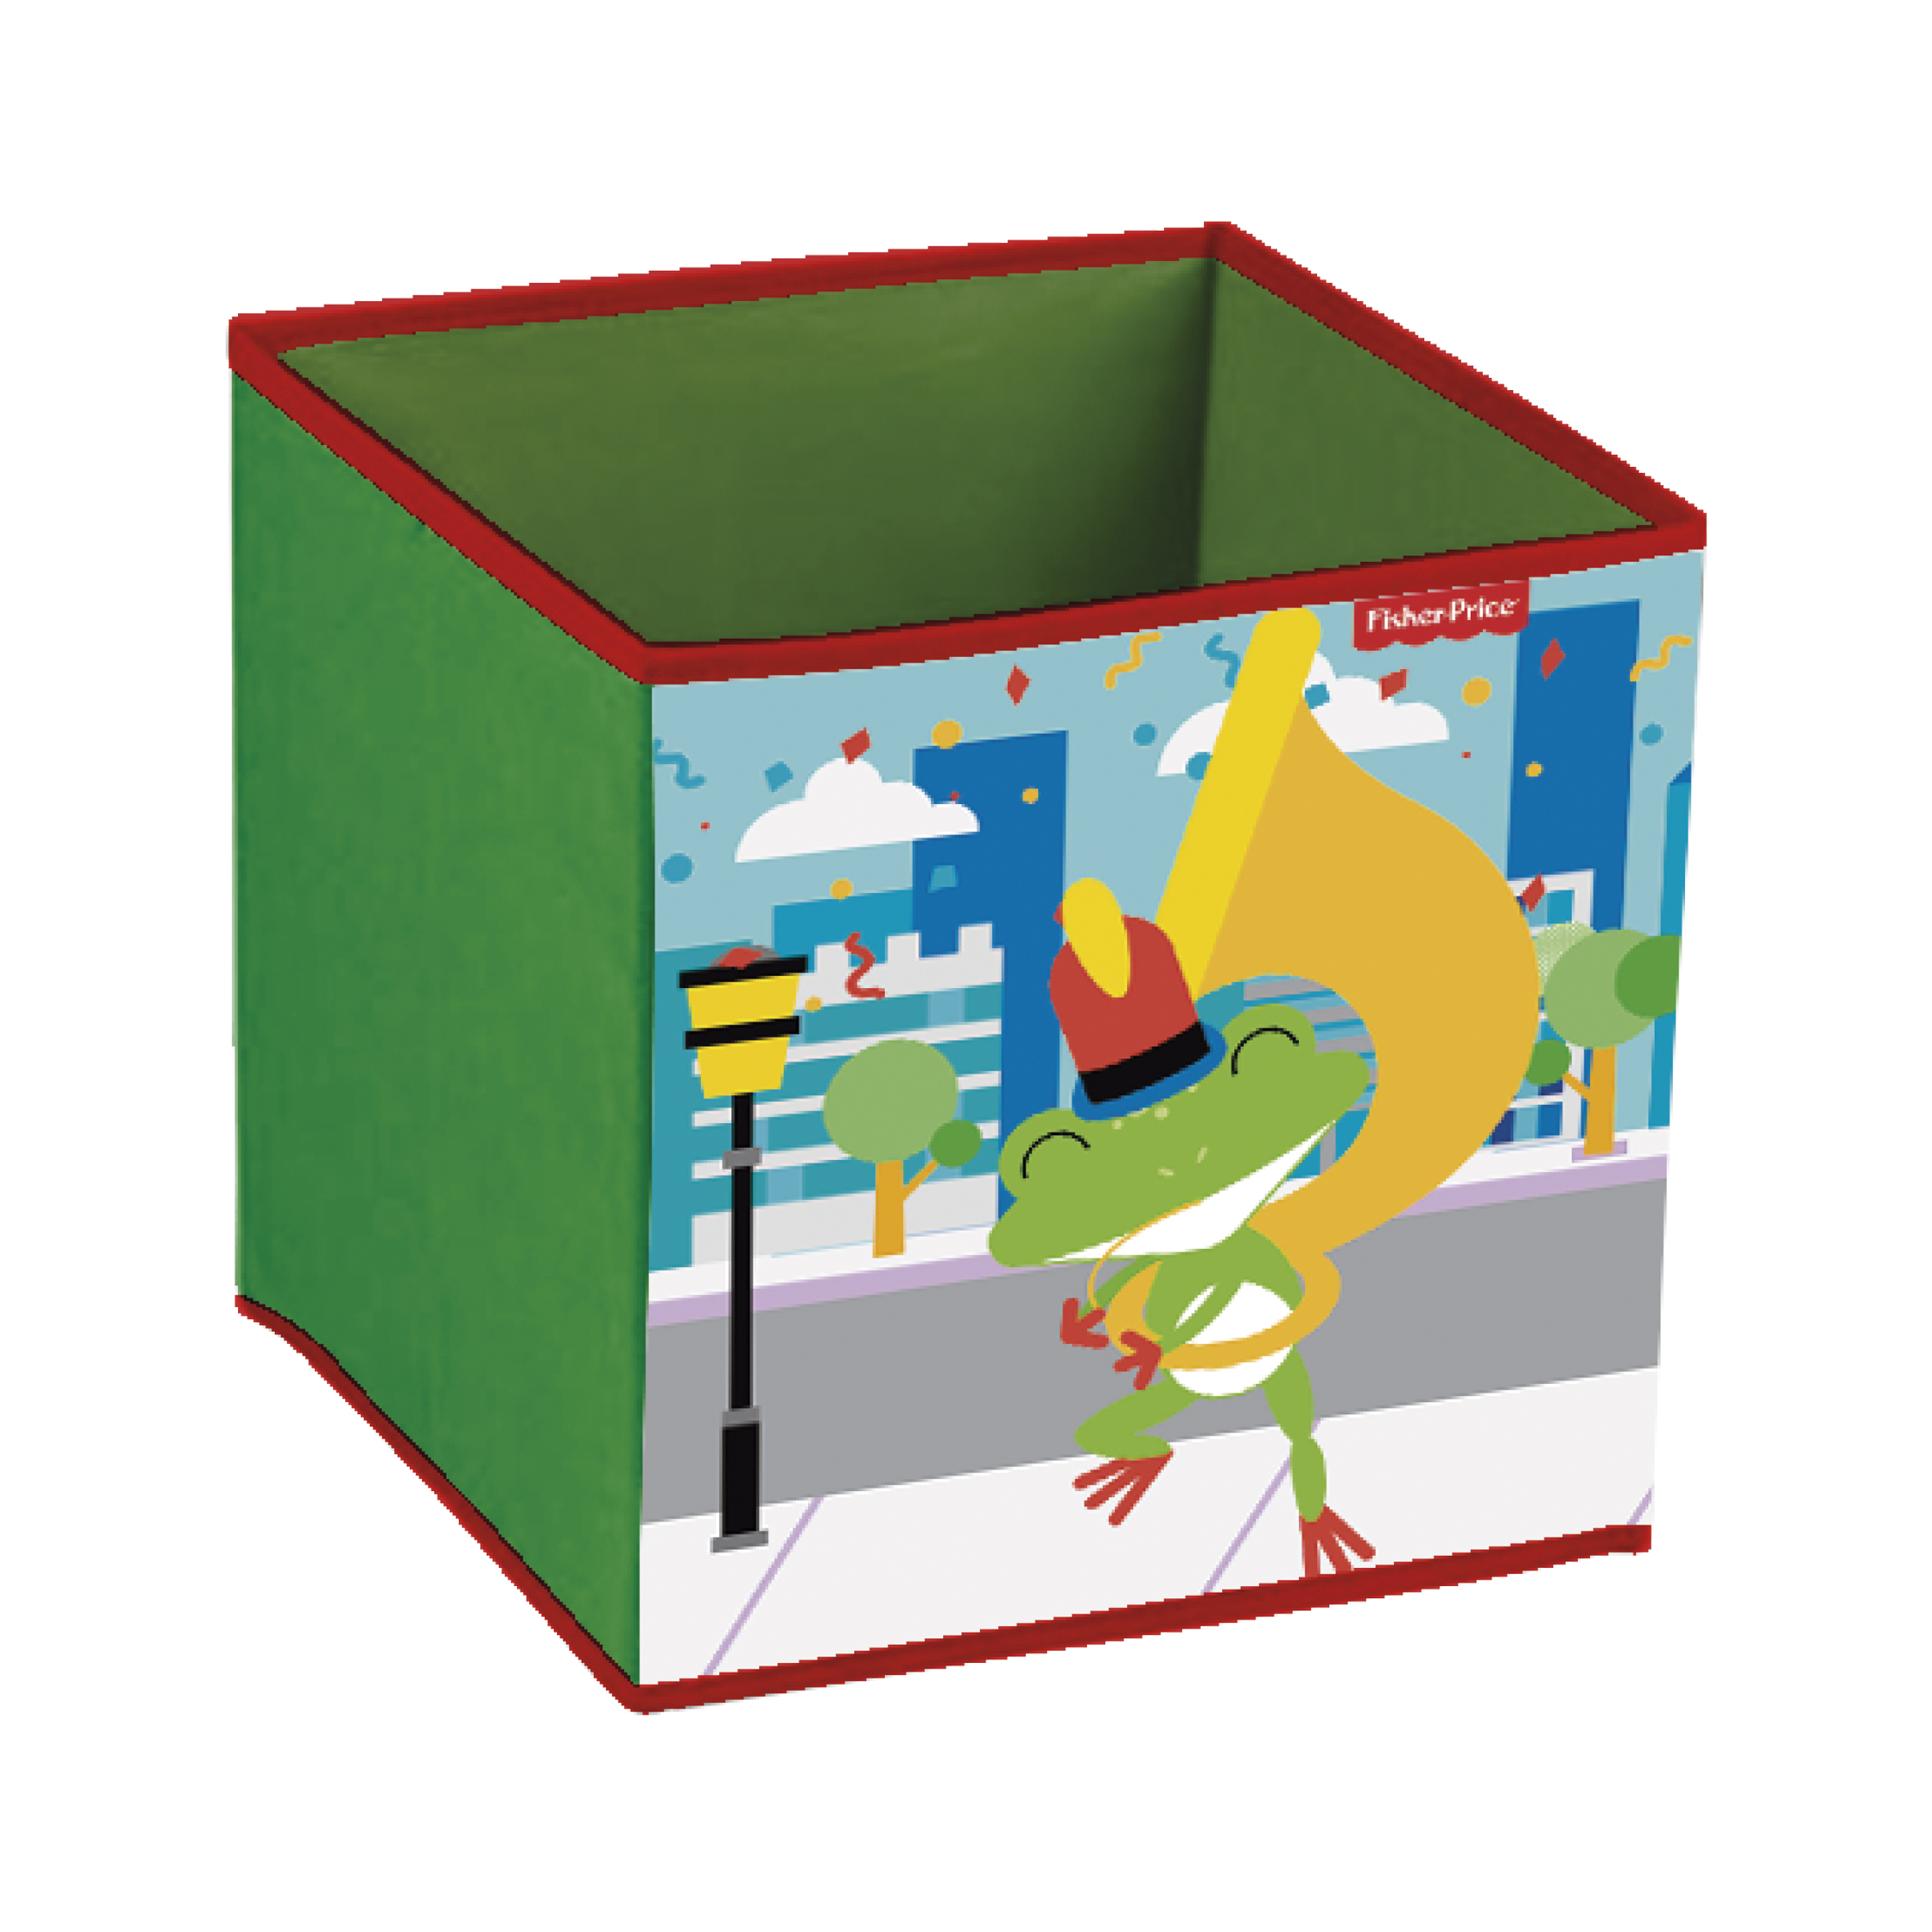 Úložný box na hračky Fisher Price - Žába